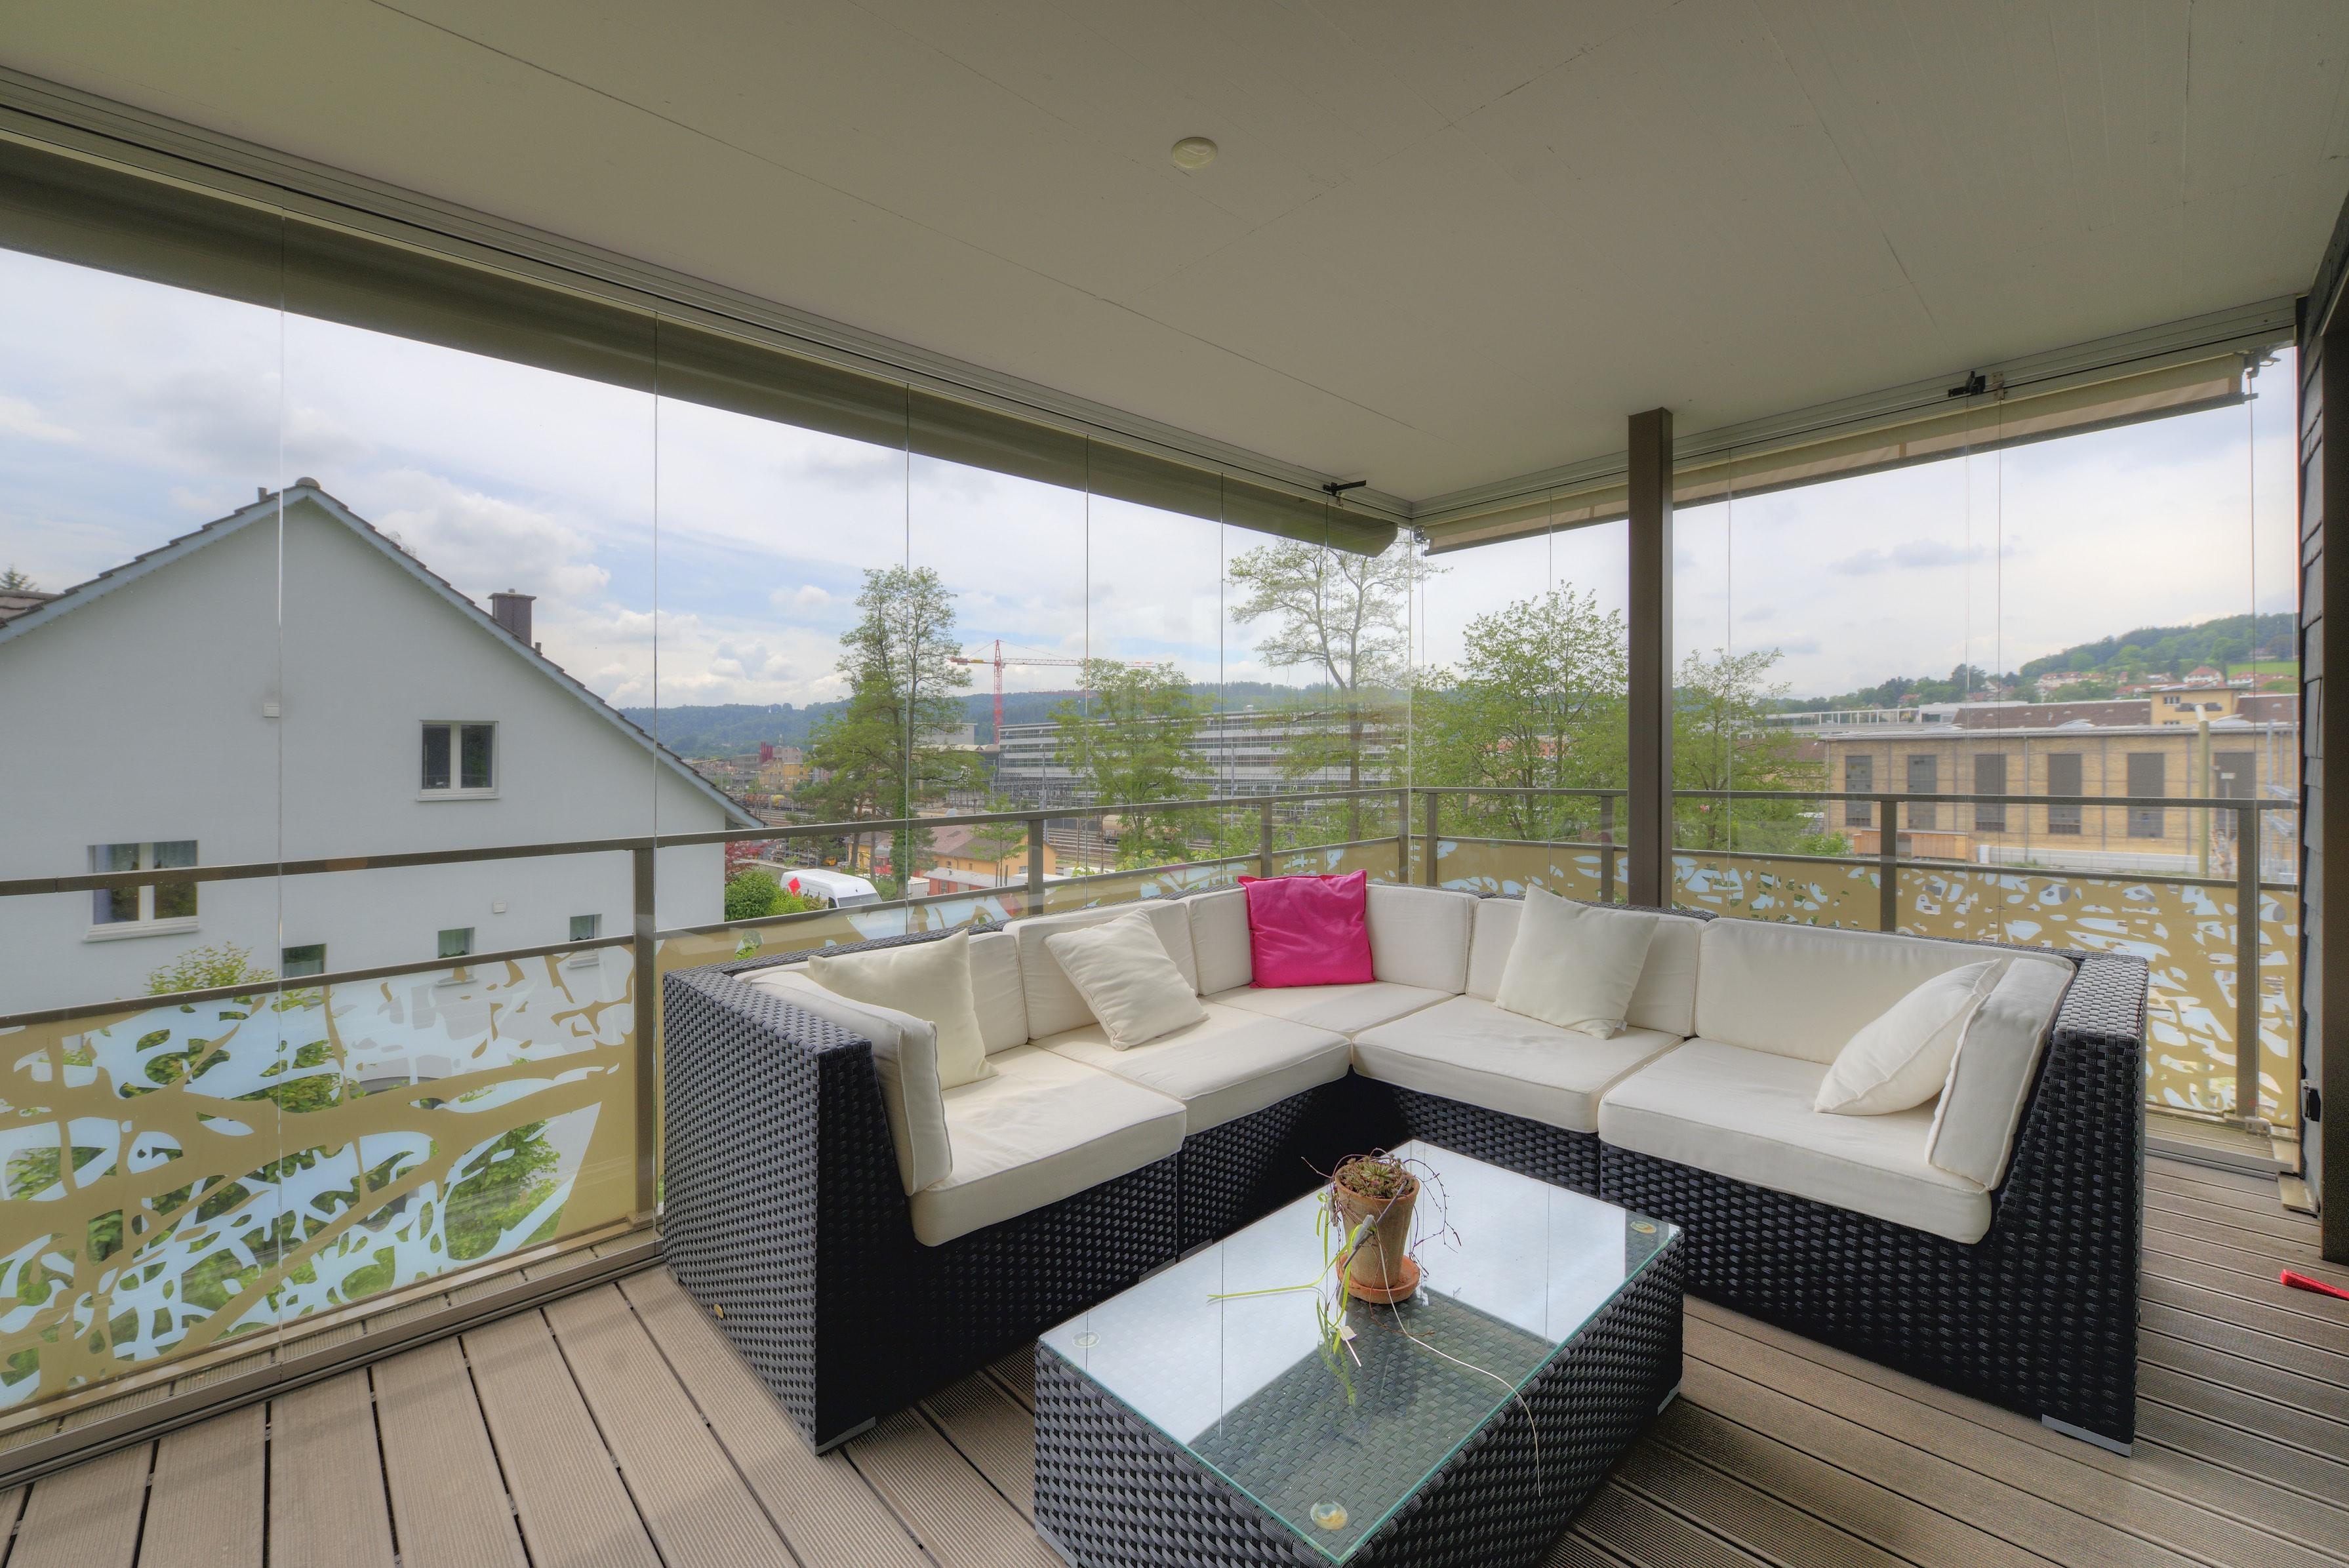 Der gedeckte und verglaste Balkon